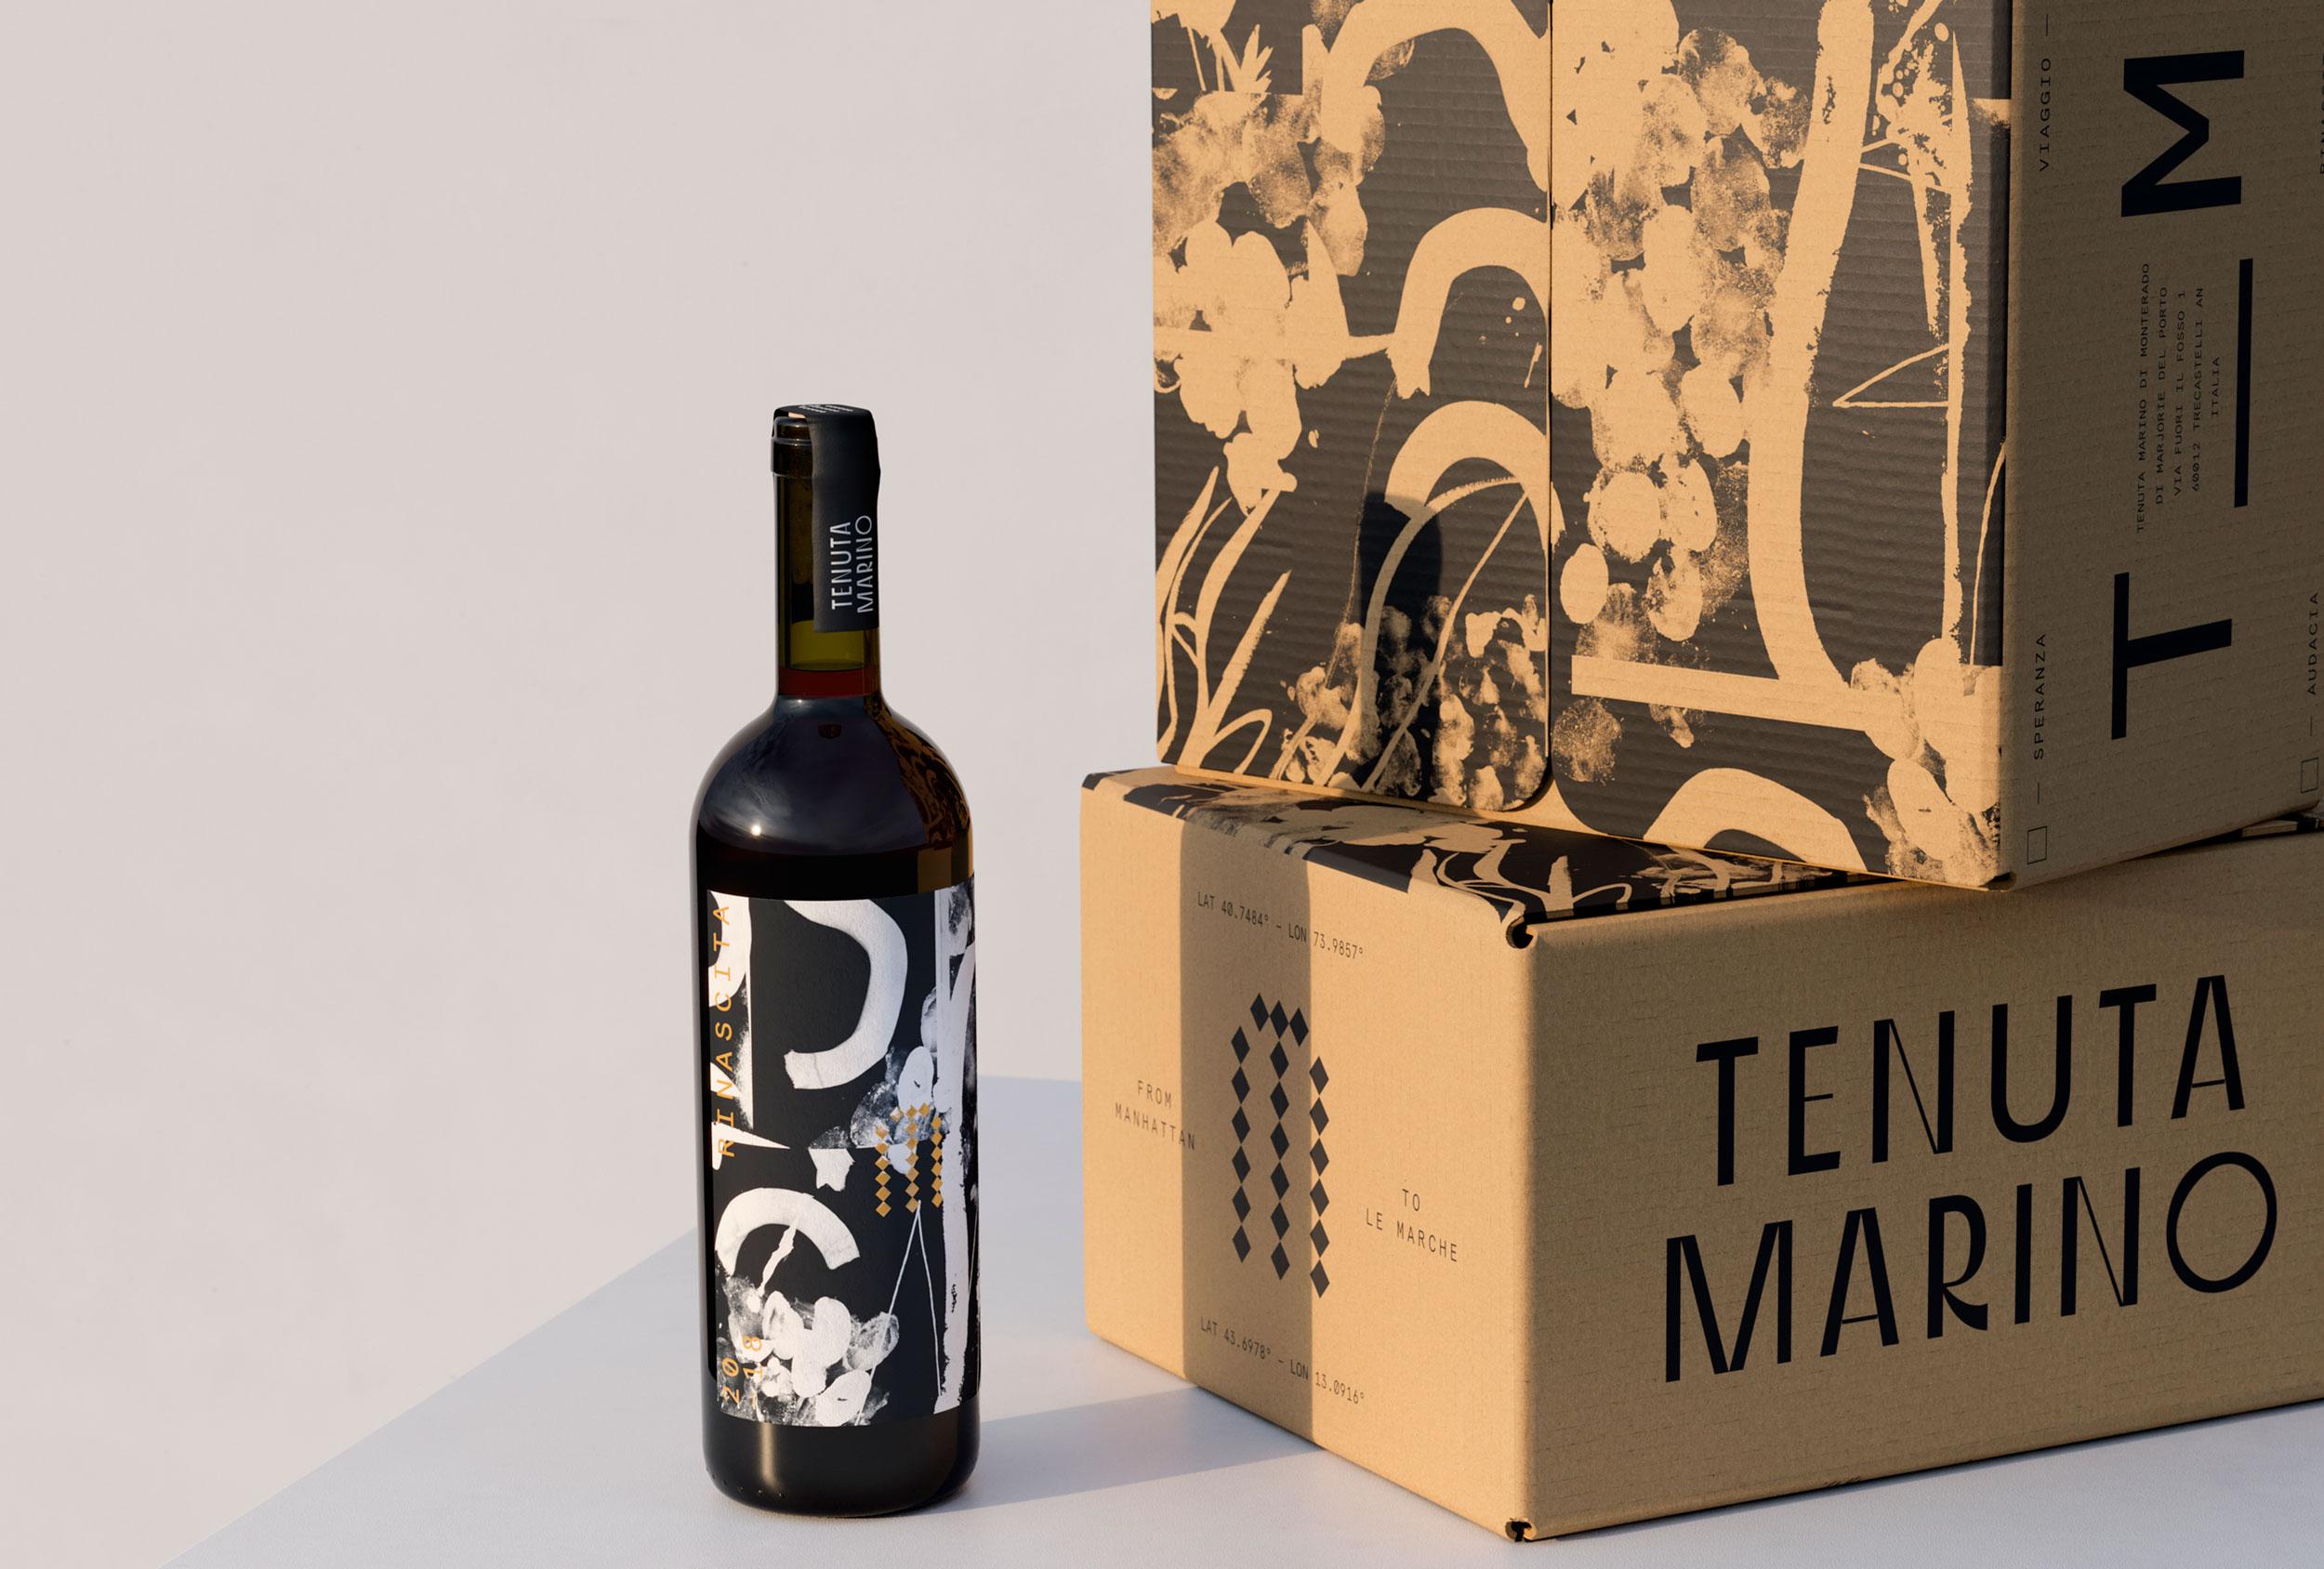 Tenuta Marino - Vin italien